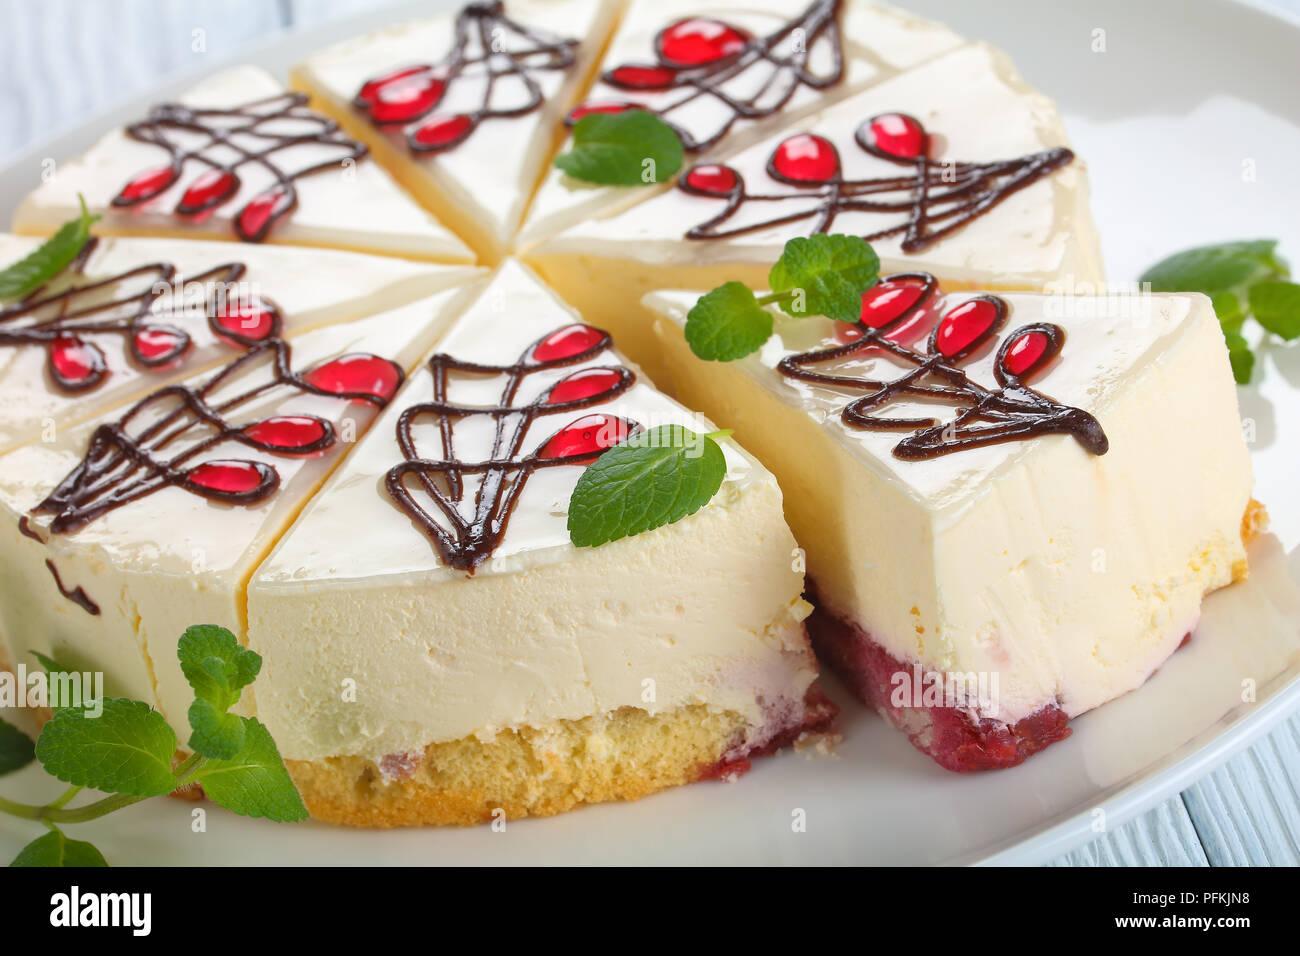 Nahaufnahme der Käsekuchen mit untere Schicht besteht aus biskuitteig mit Berry Soße, auf weissem platter auf Holztisch, horizontale Ansicht von oben Stockbild